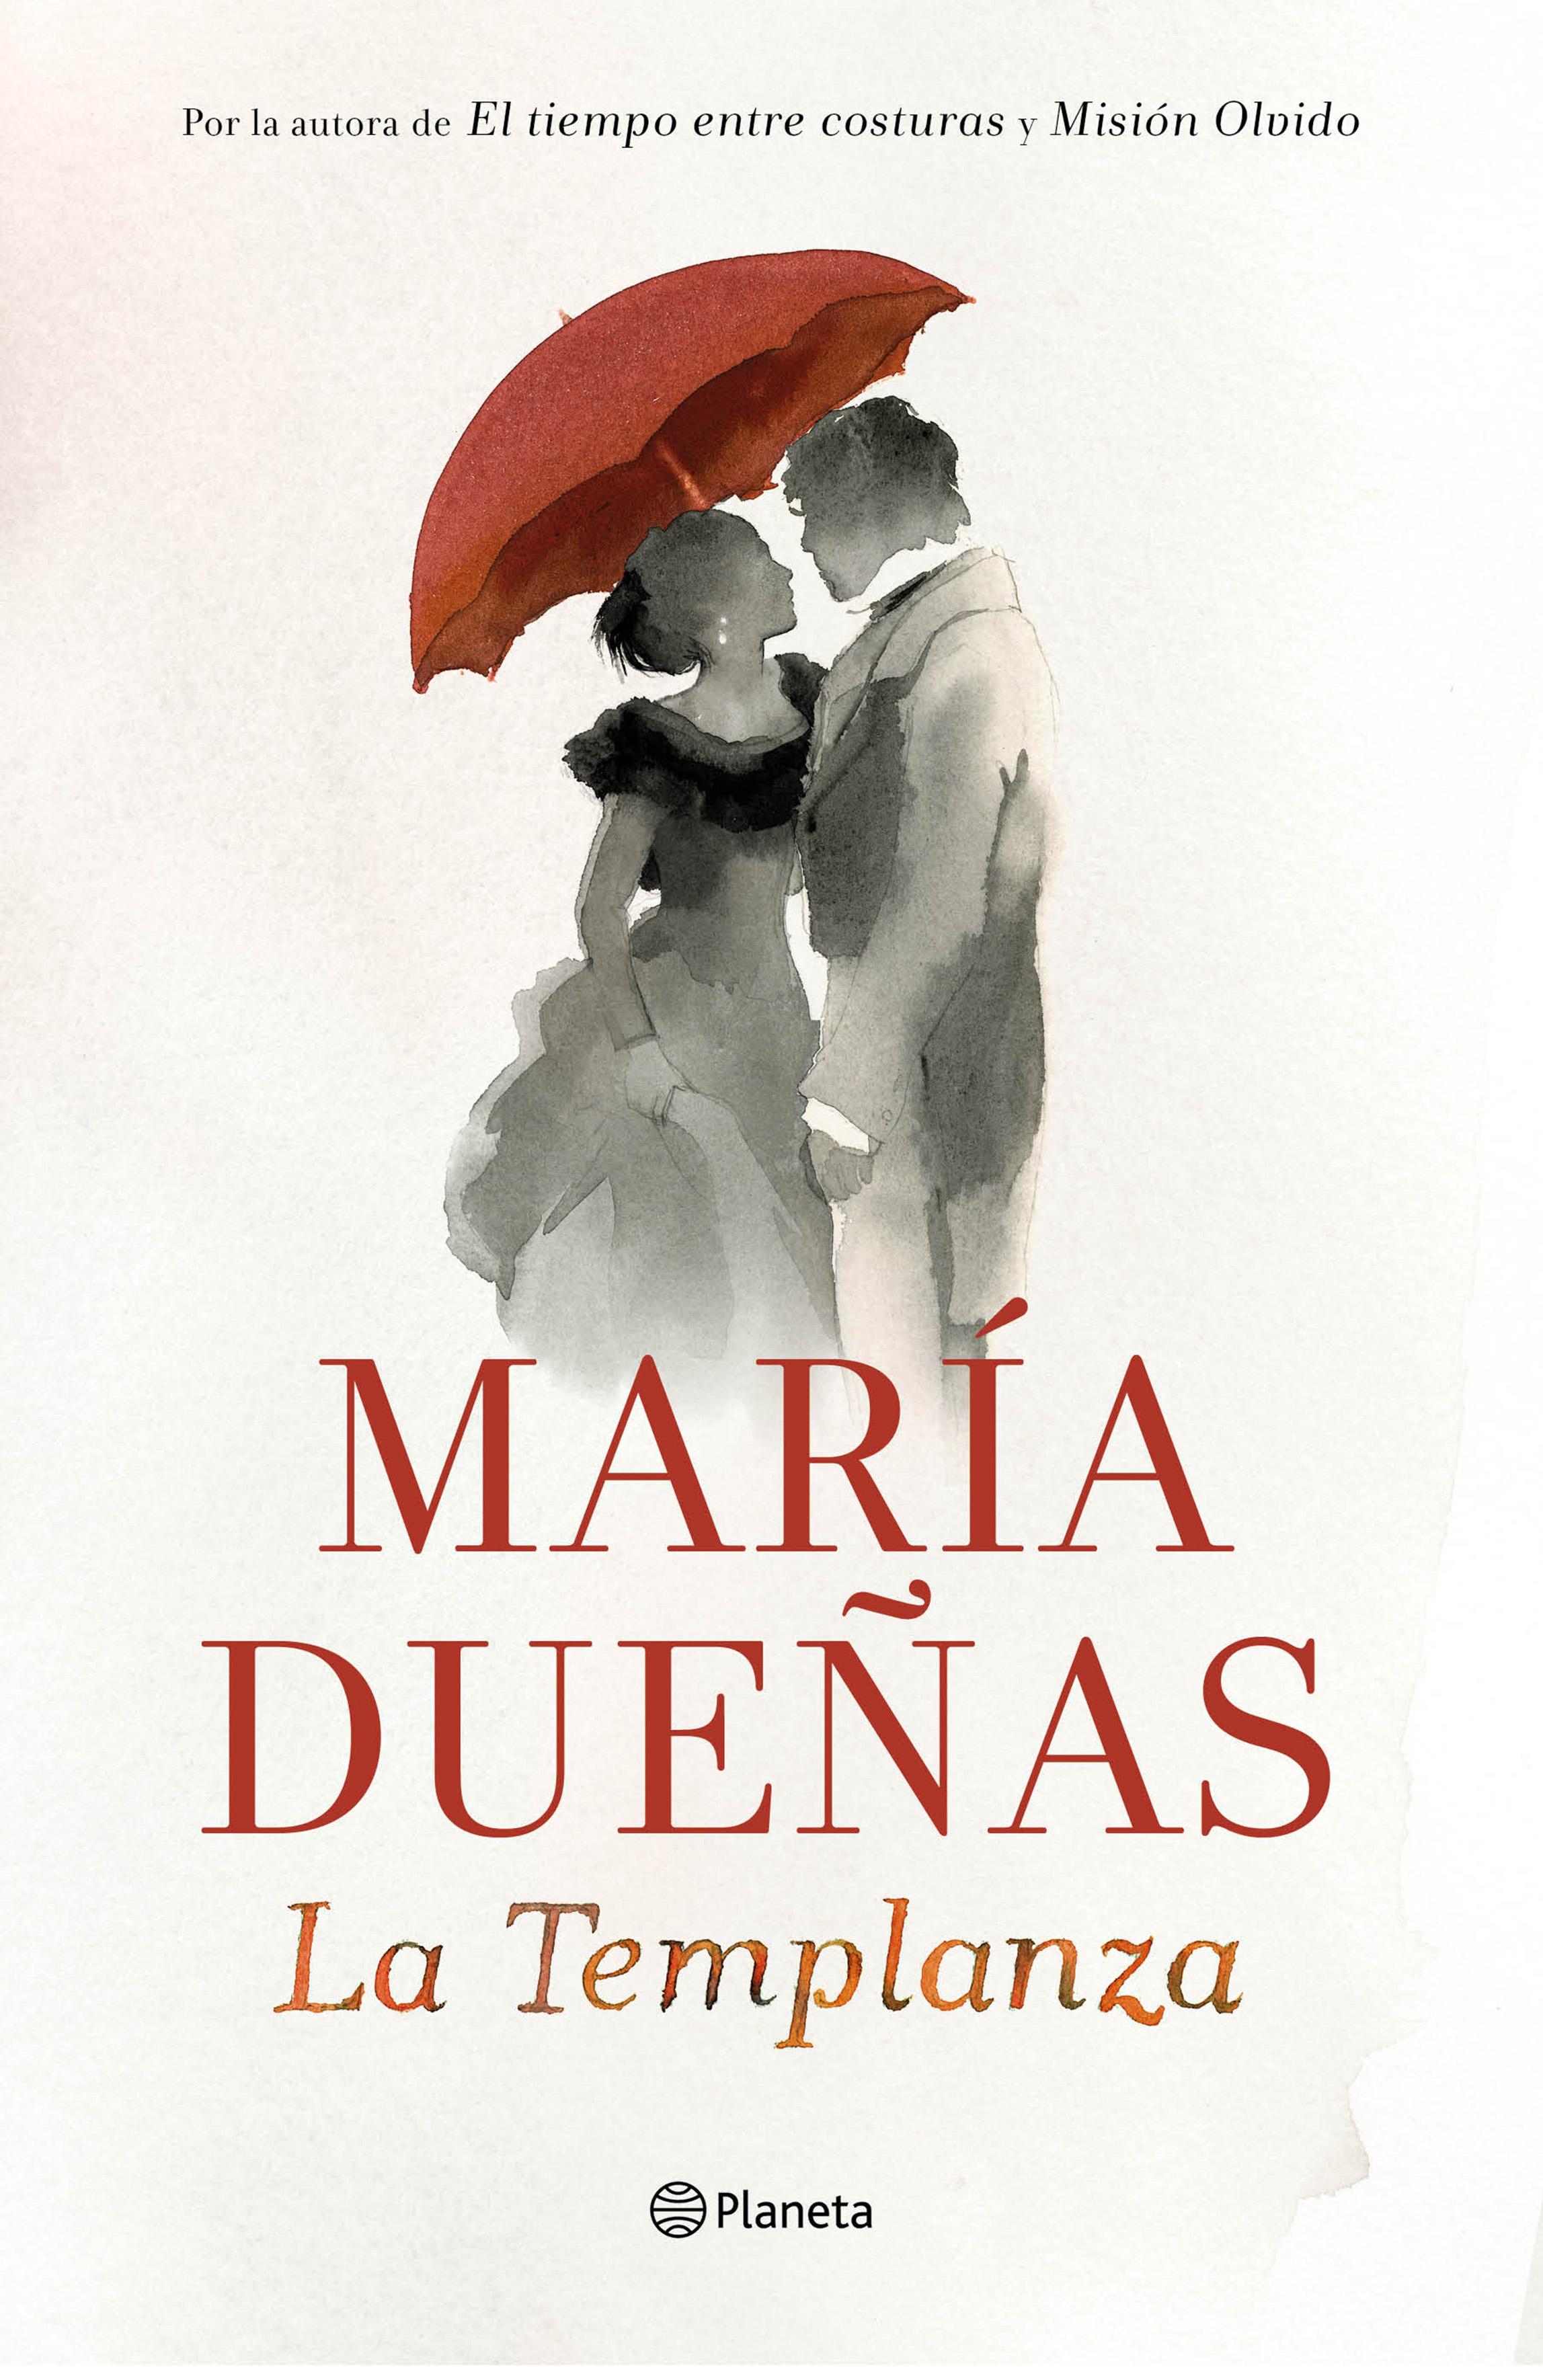 'La Templanza' de María Dueñas estará en todas las librerías de España y América Latina el próximo 17 de marzo